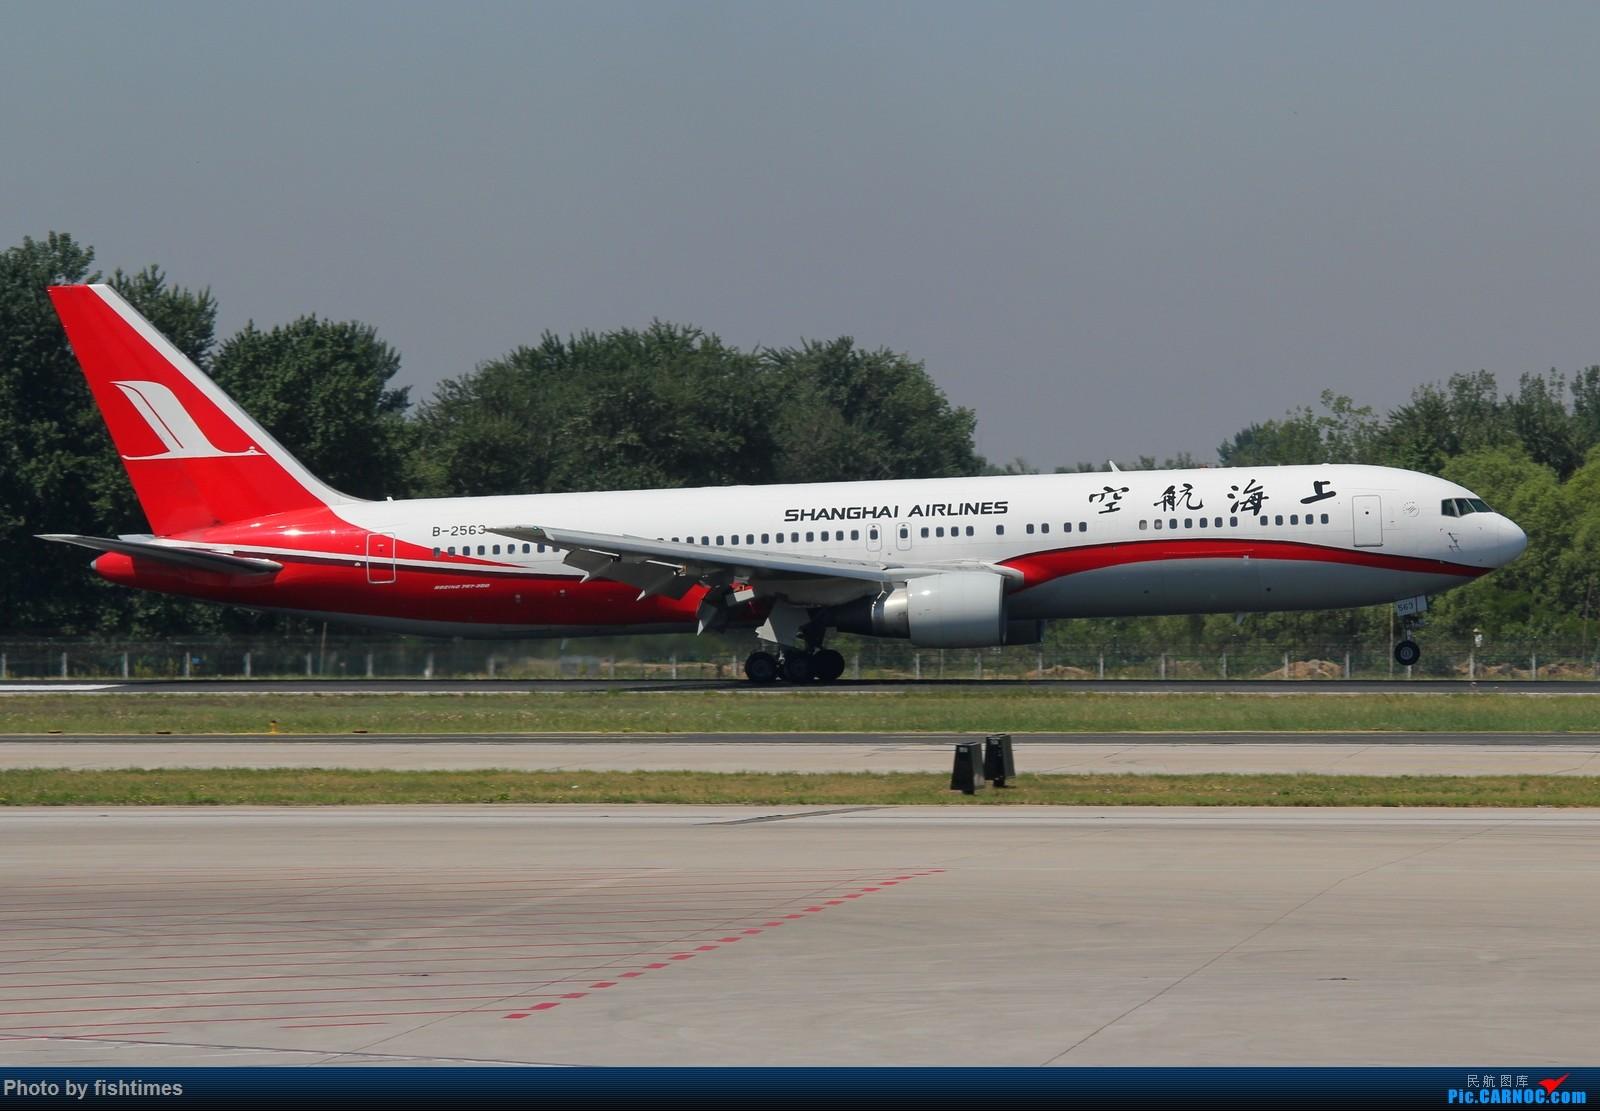 Re:[原创]【PEK】20150516_RWY36L_接地+擦烟 BOEING 767-300 B-2563 中国北京首都国际机场